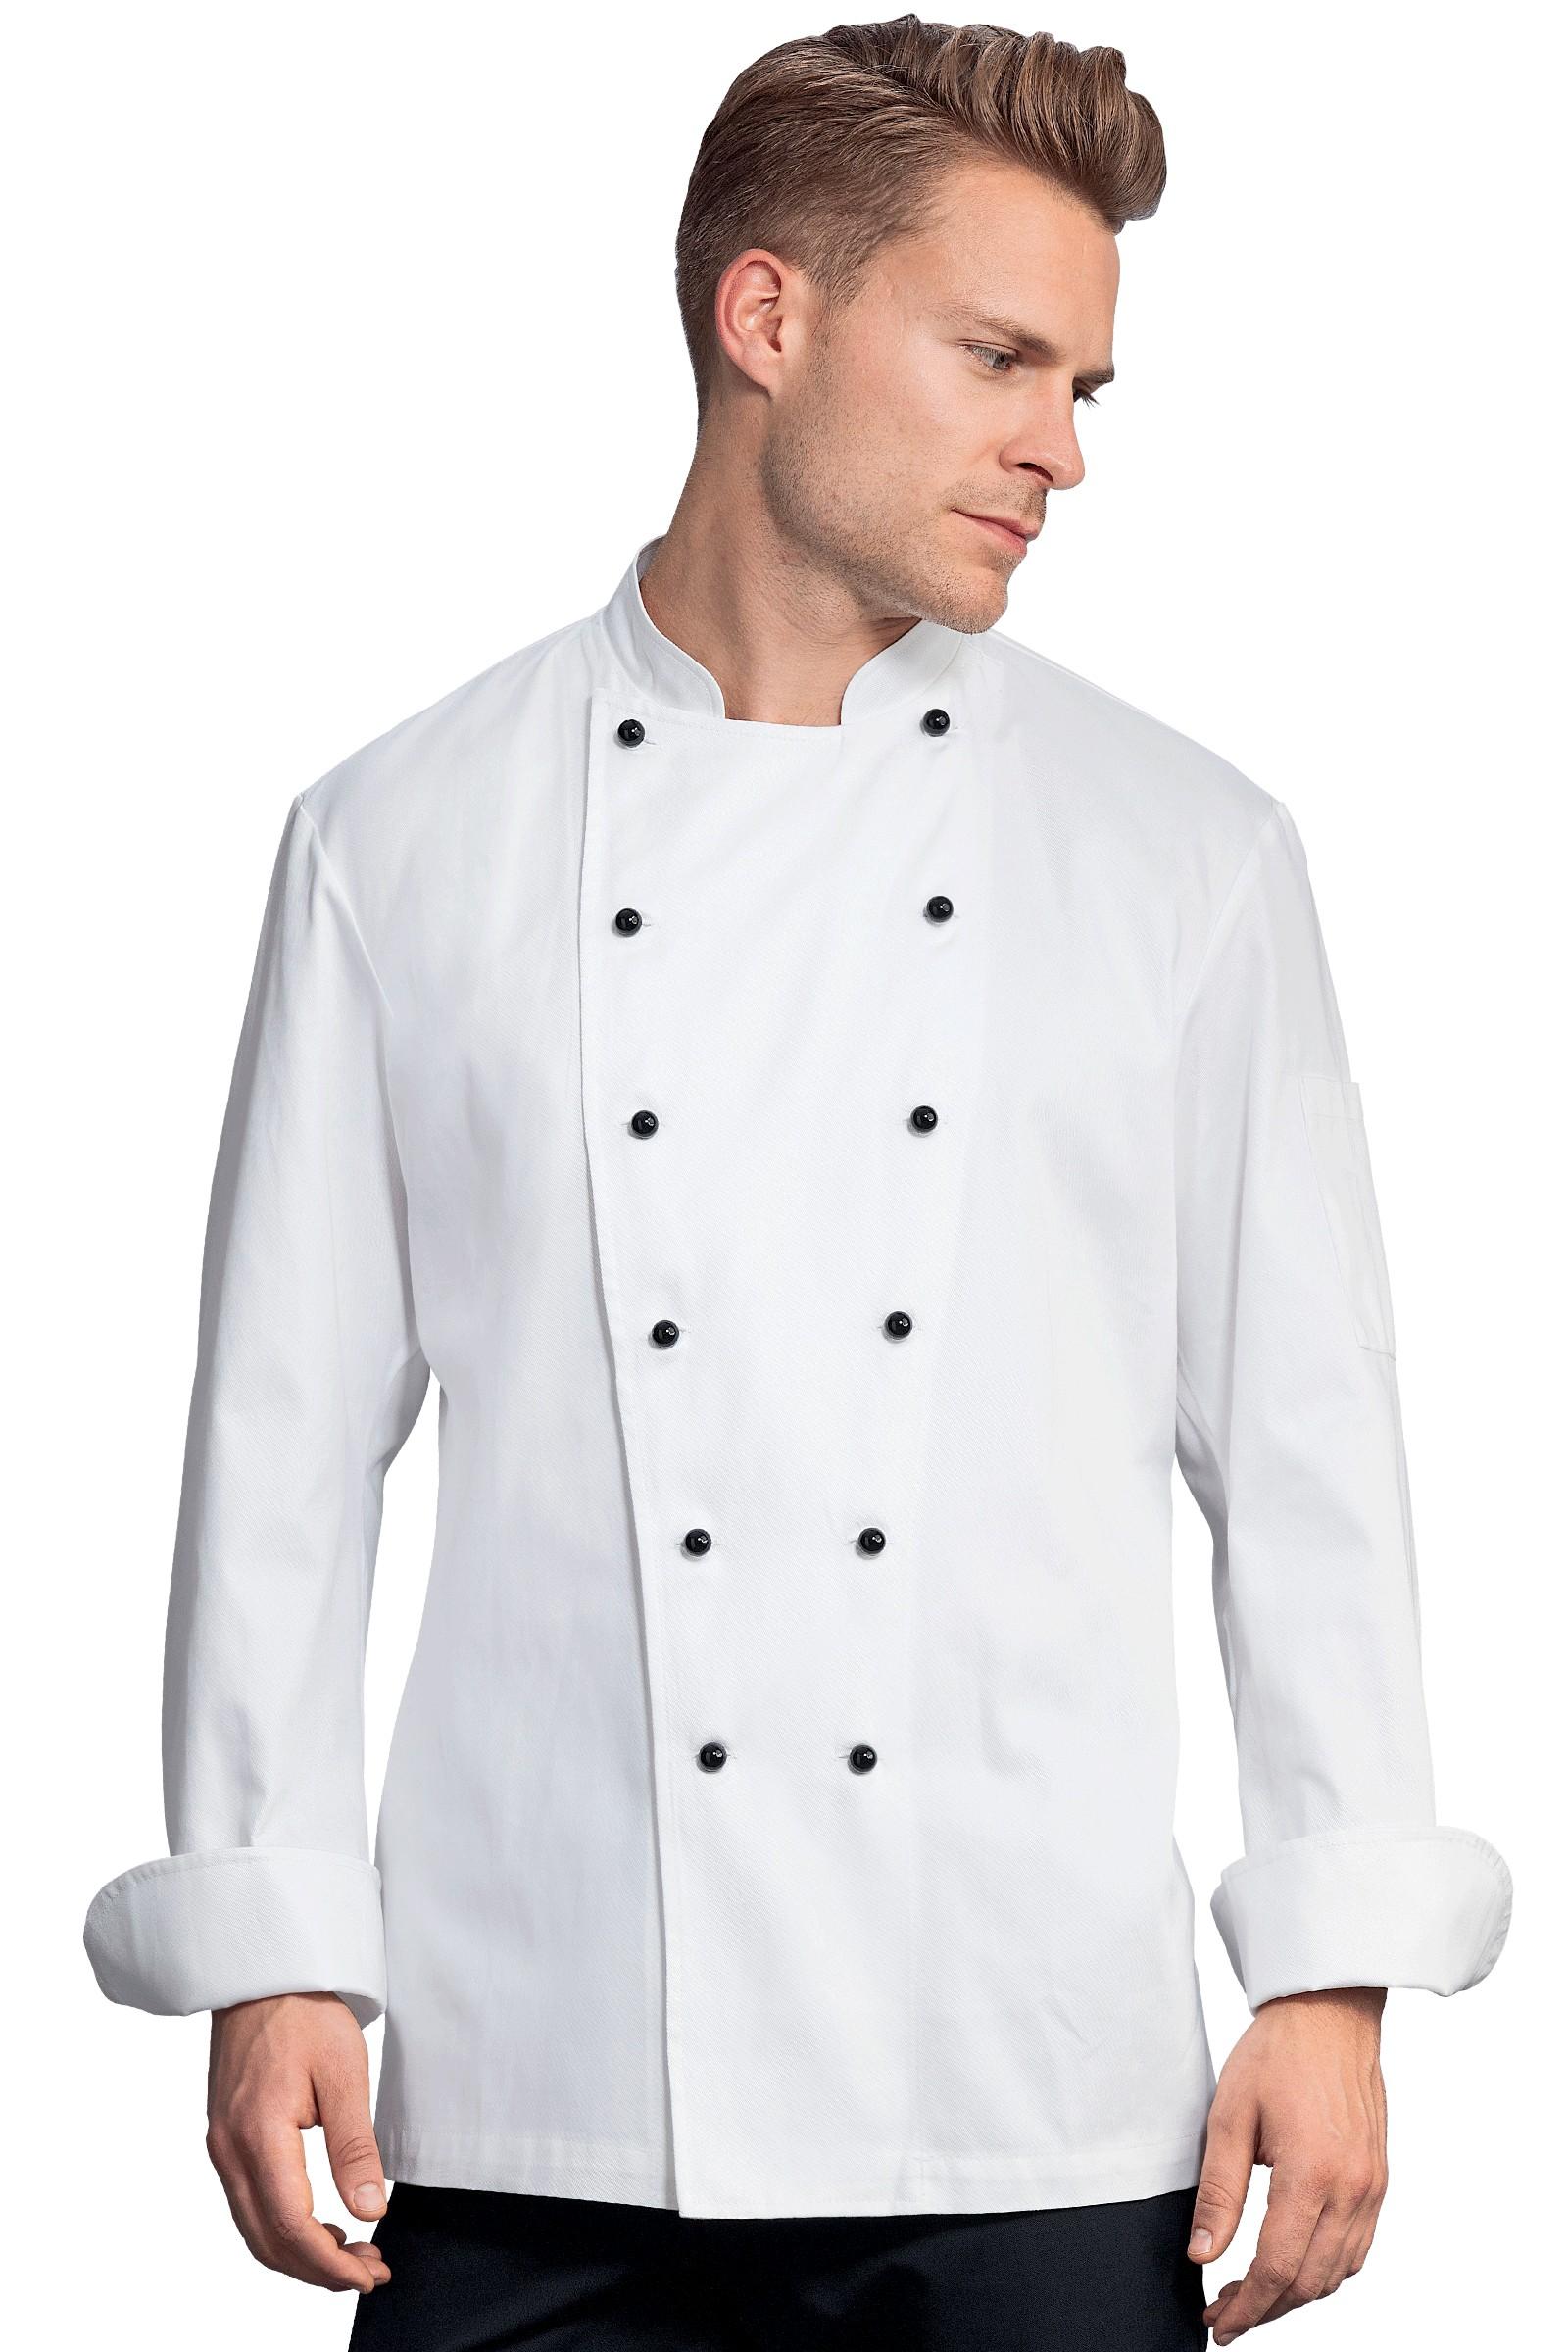 Chaquetillas de cocina narvic blanco - Chaquetillas de cocina ...